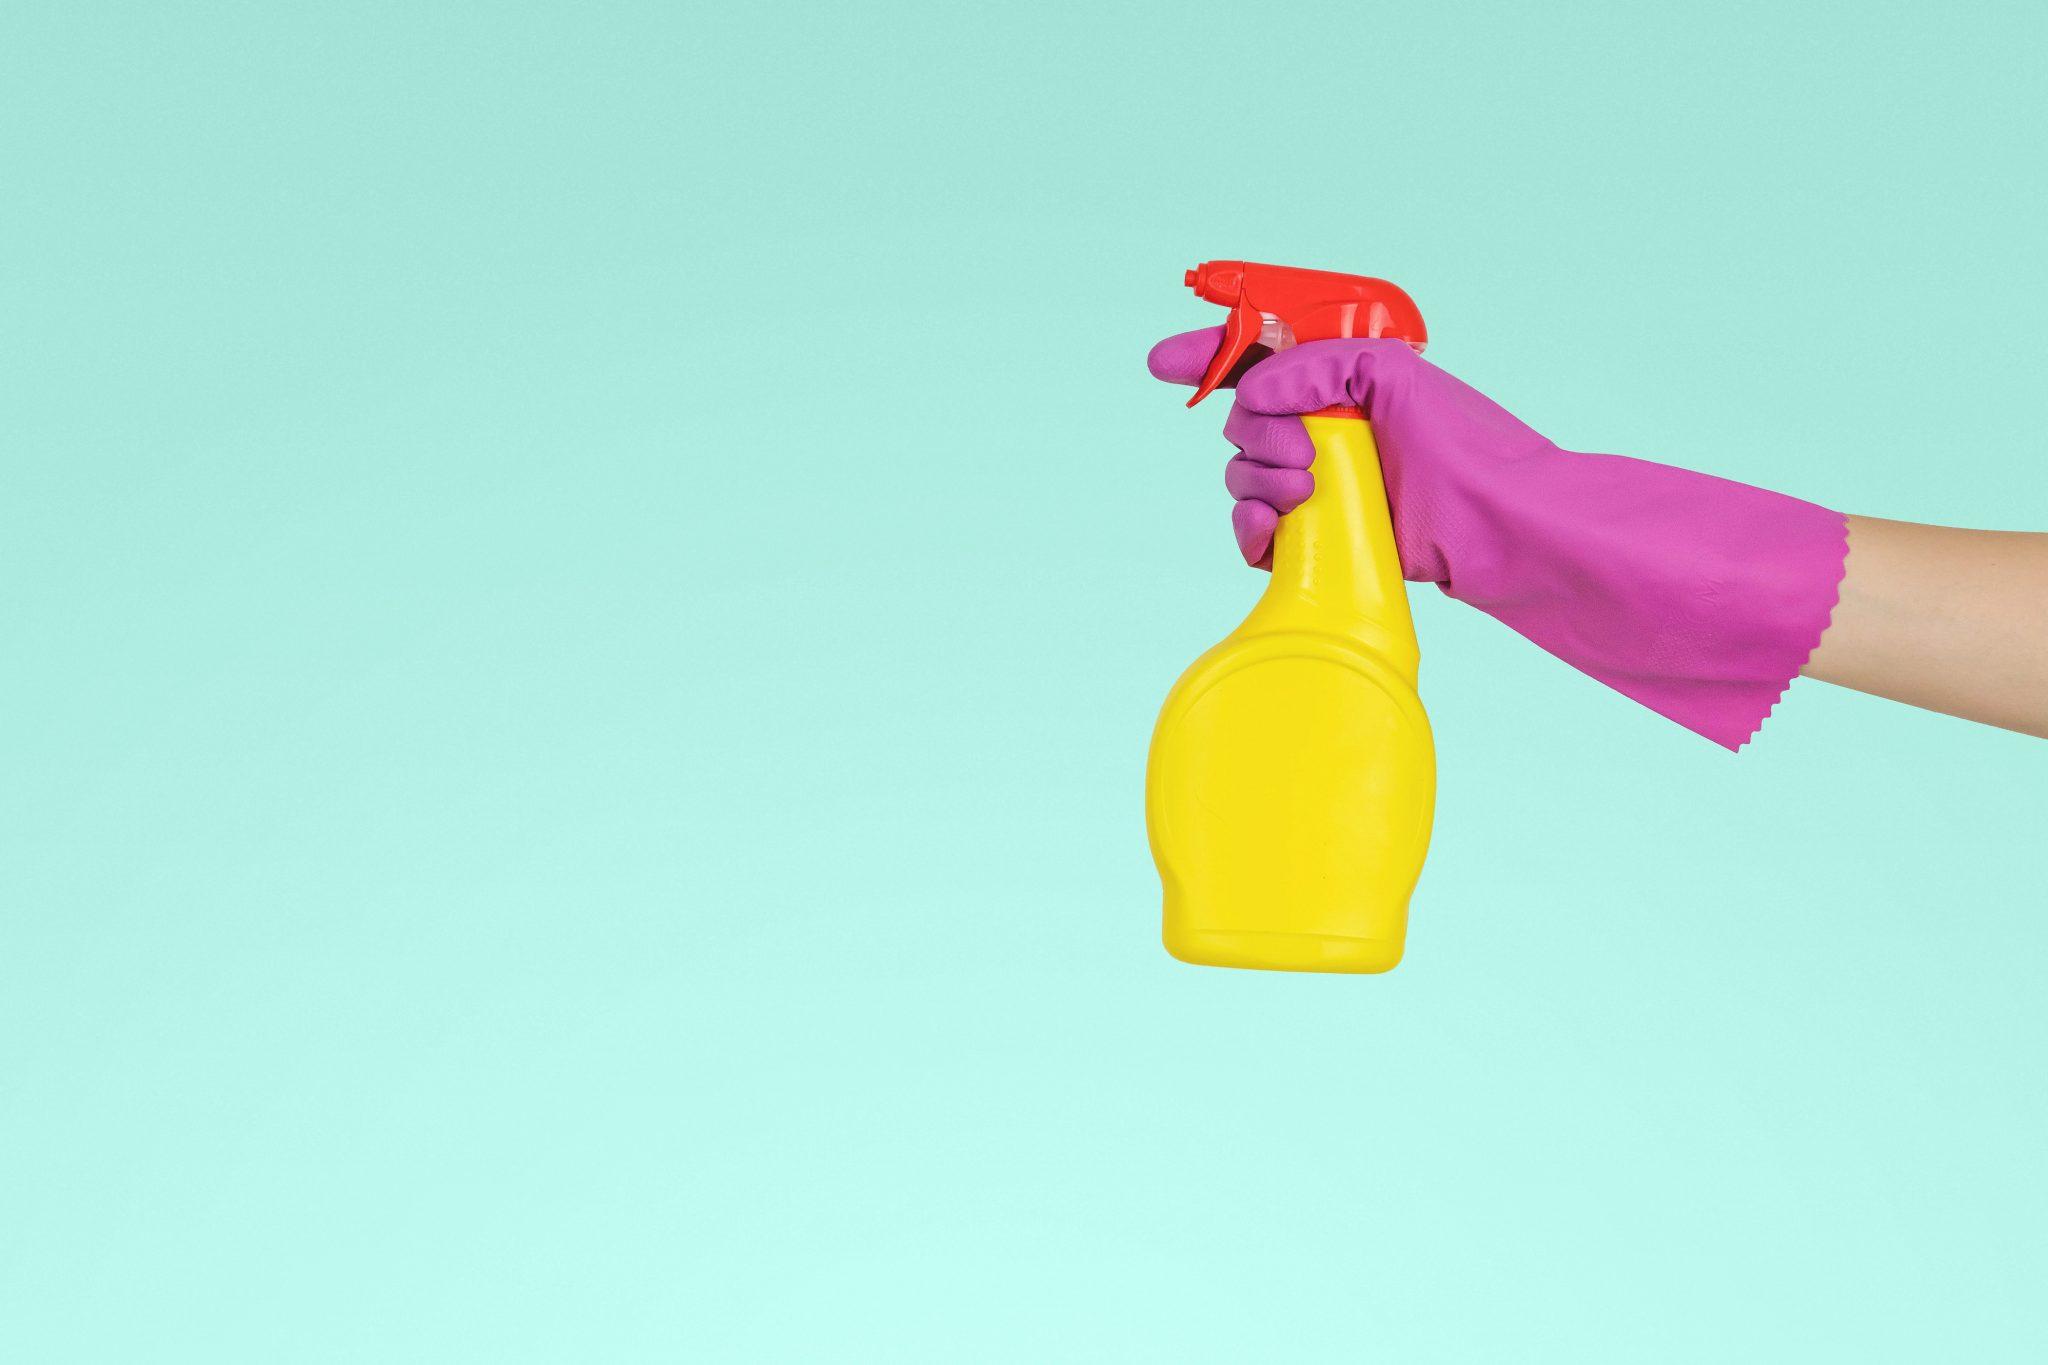 HR-fruehjahrsputz